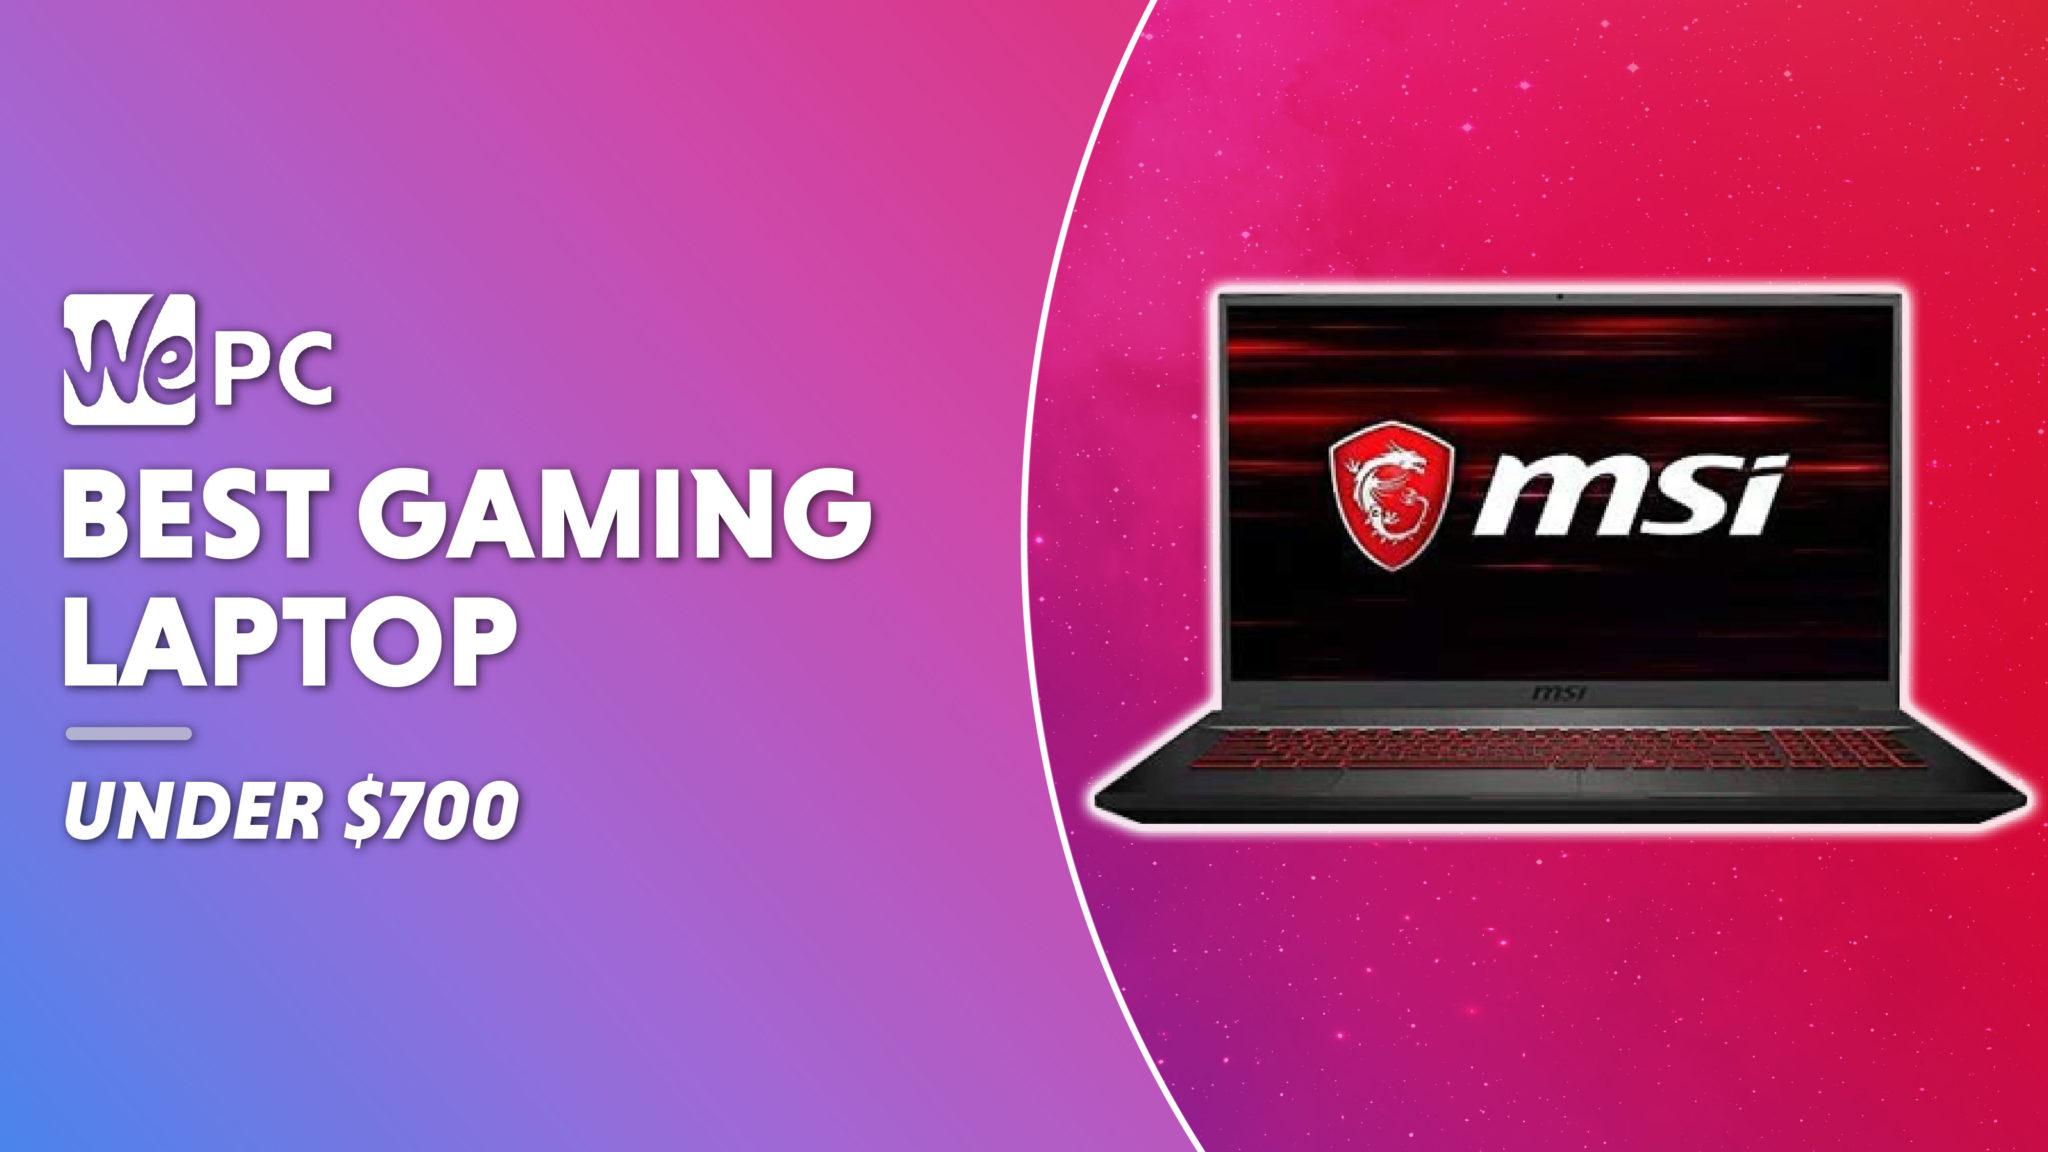 WEPC best laptop under 700 Featured image 01